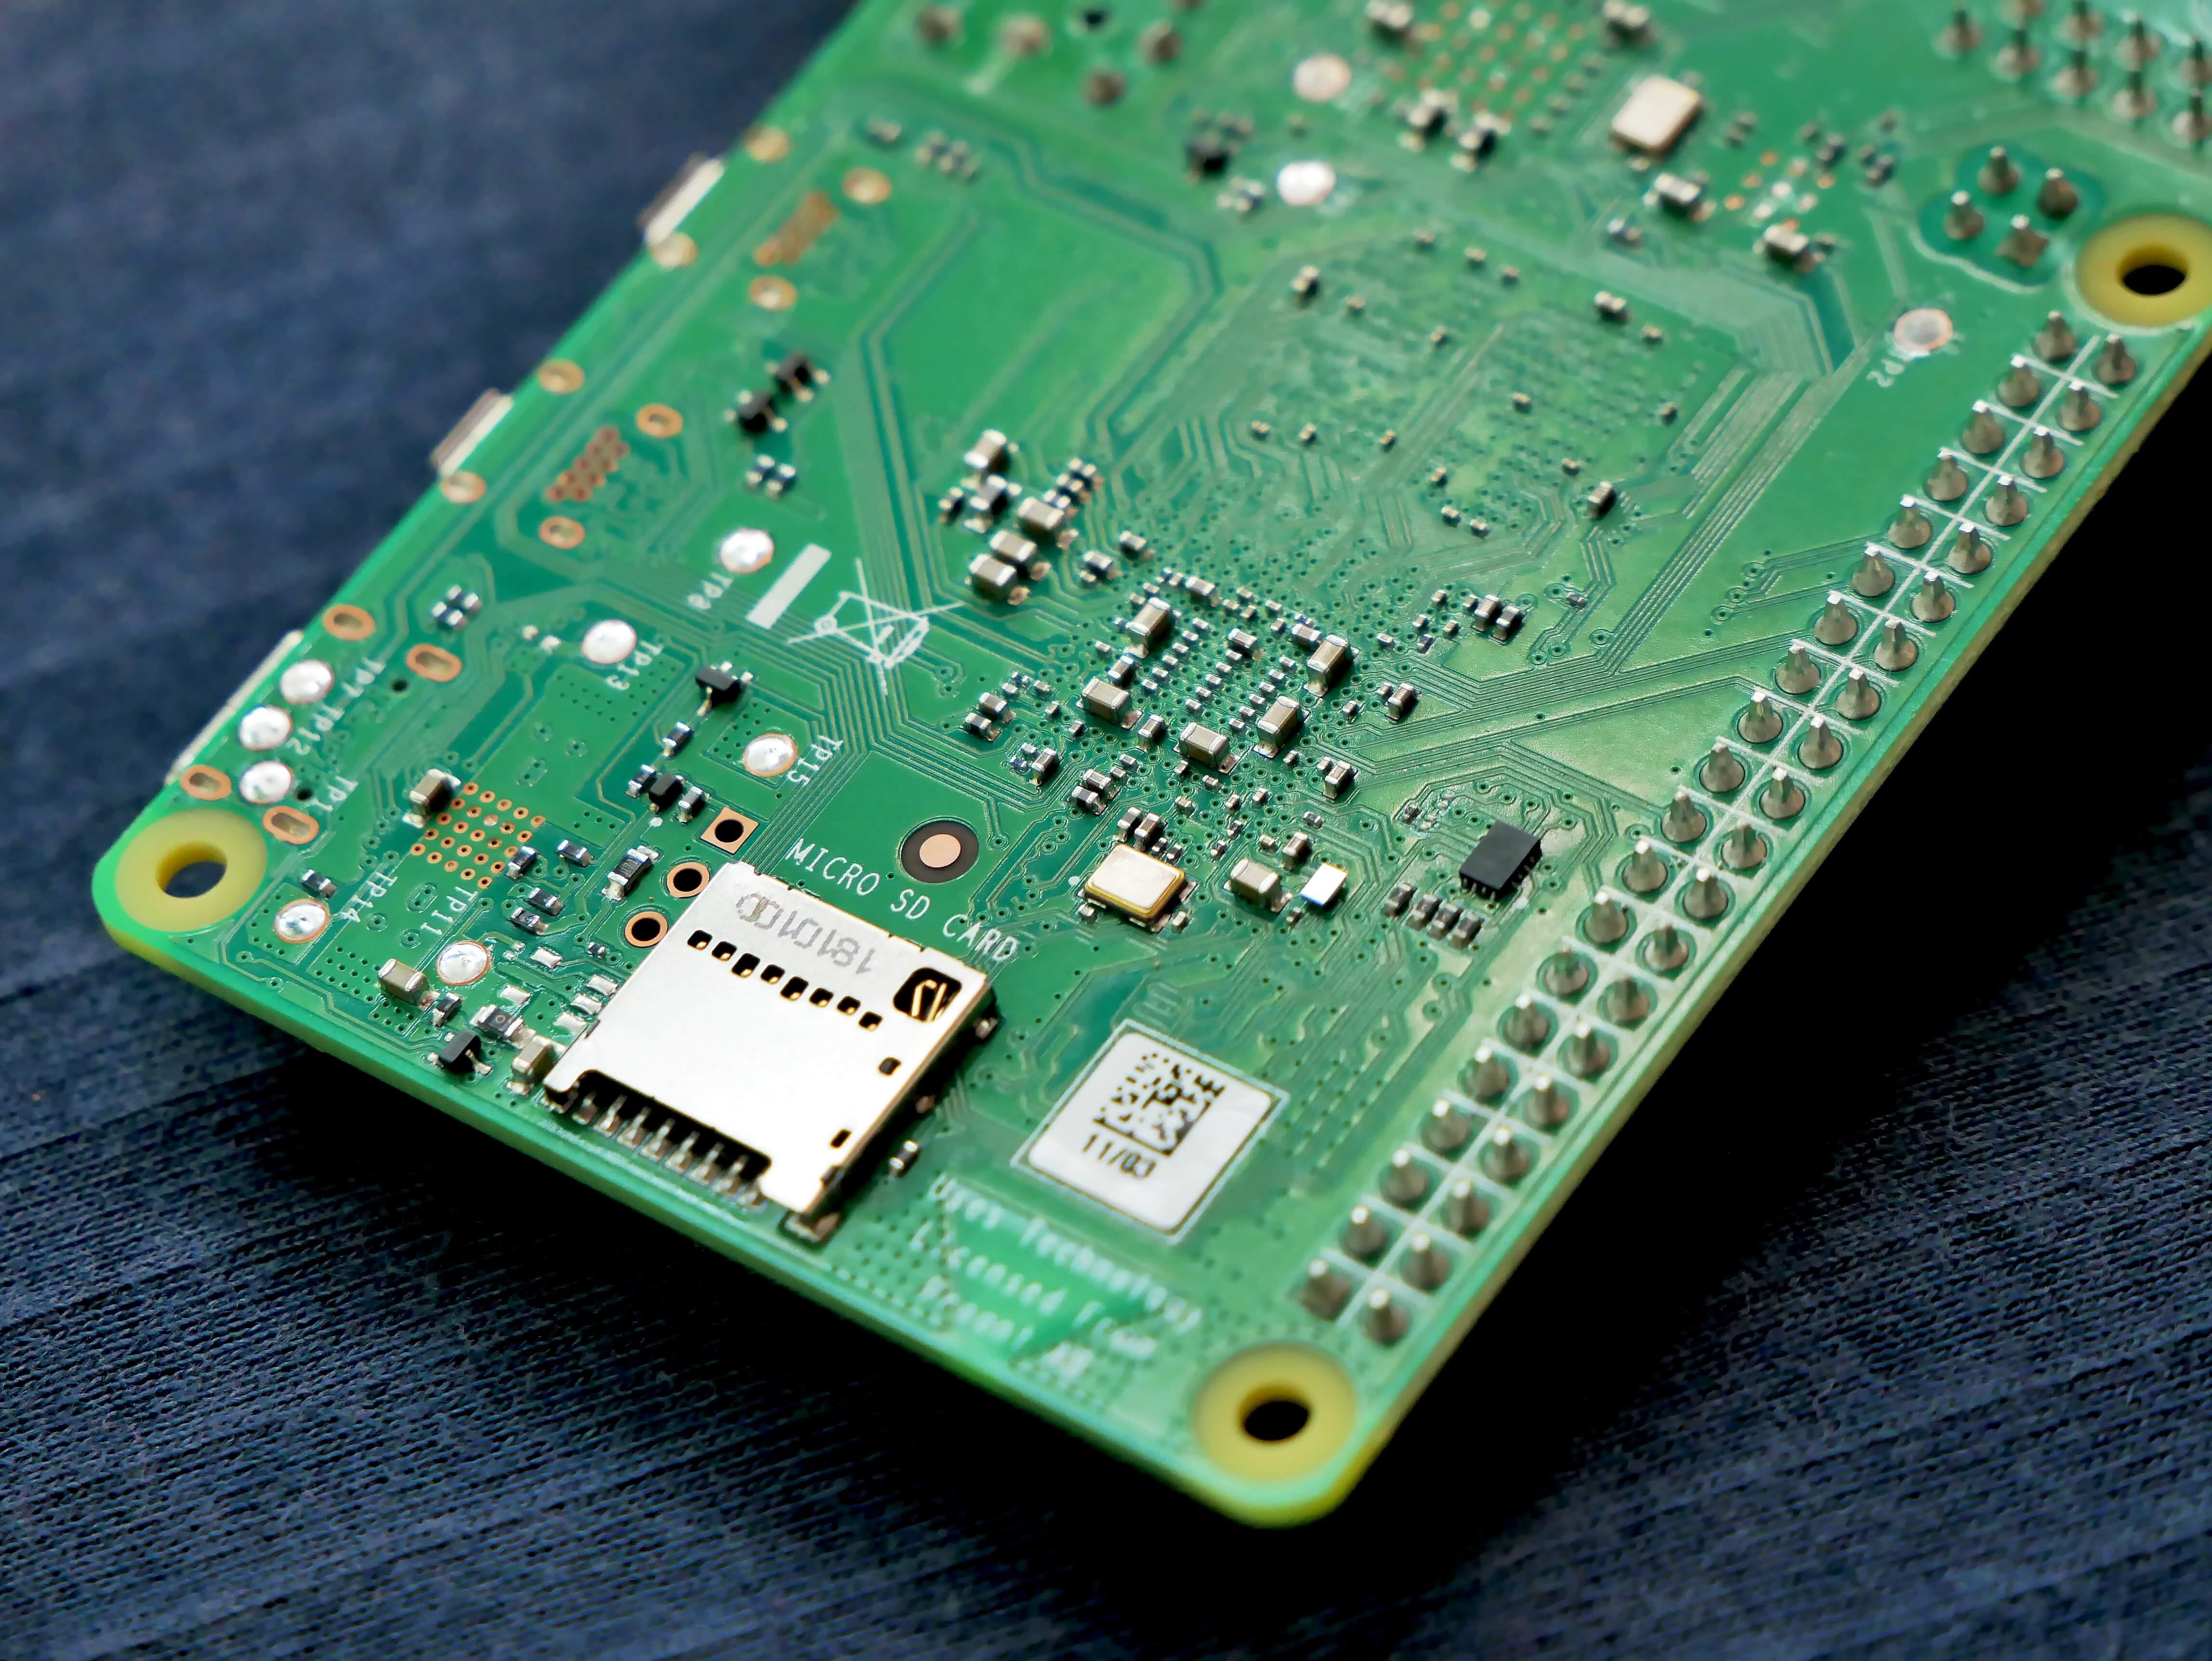 Circuit Board Tin Solder, Future of Tin